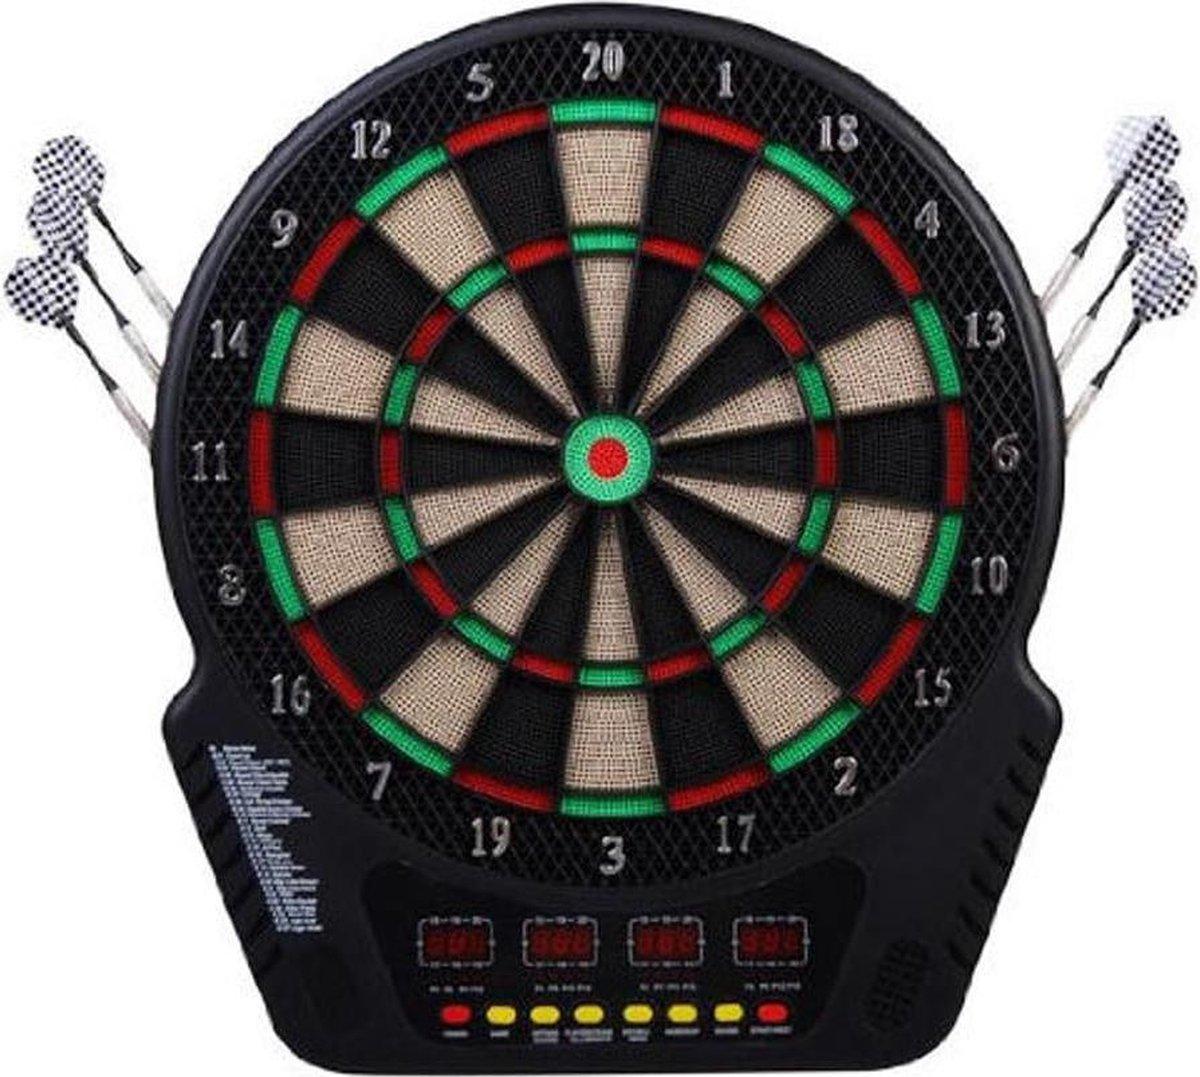 Luxe Elektronisch Dartbord - Elektrisch Safety Darts Board Set Met Dartpijlen - Dart Bord Met Digitaal Scorebord - Dartspel Voor 6 Spelers - 243 Dartspel Variaties